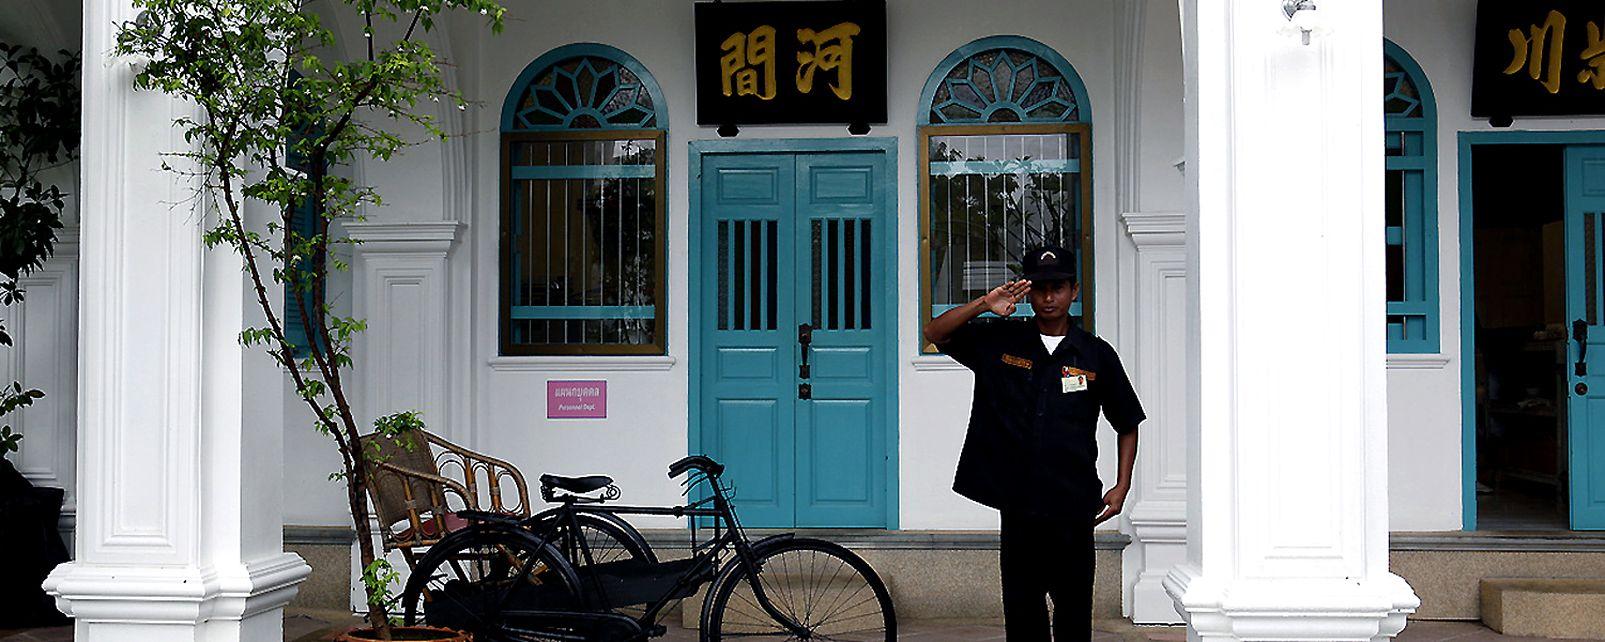 Hotel The Old Phuket